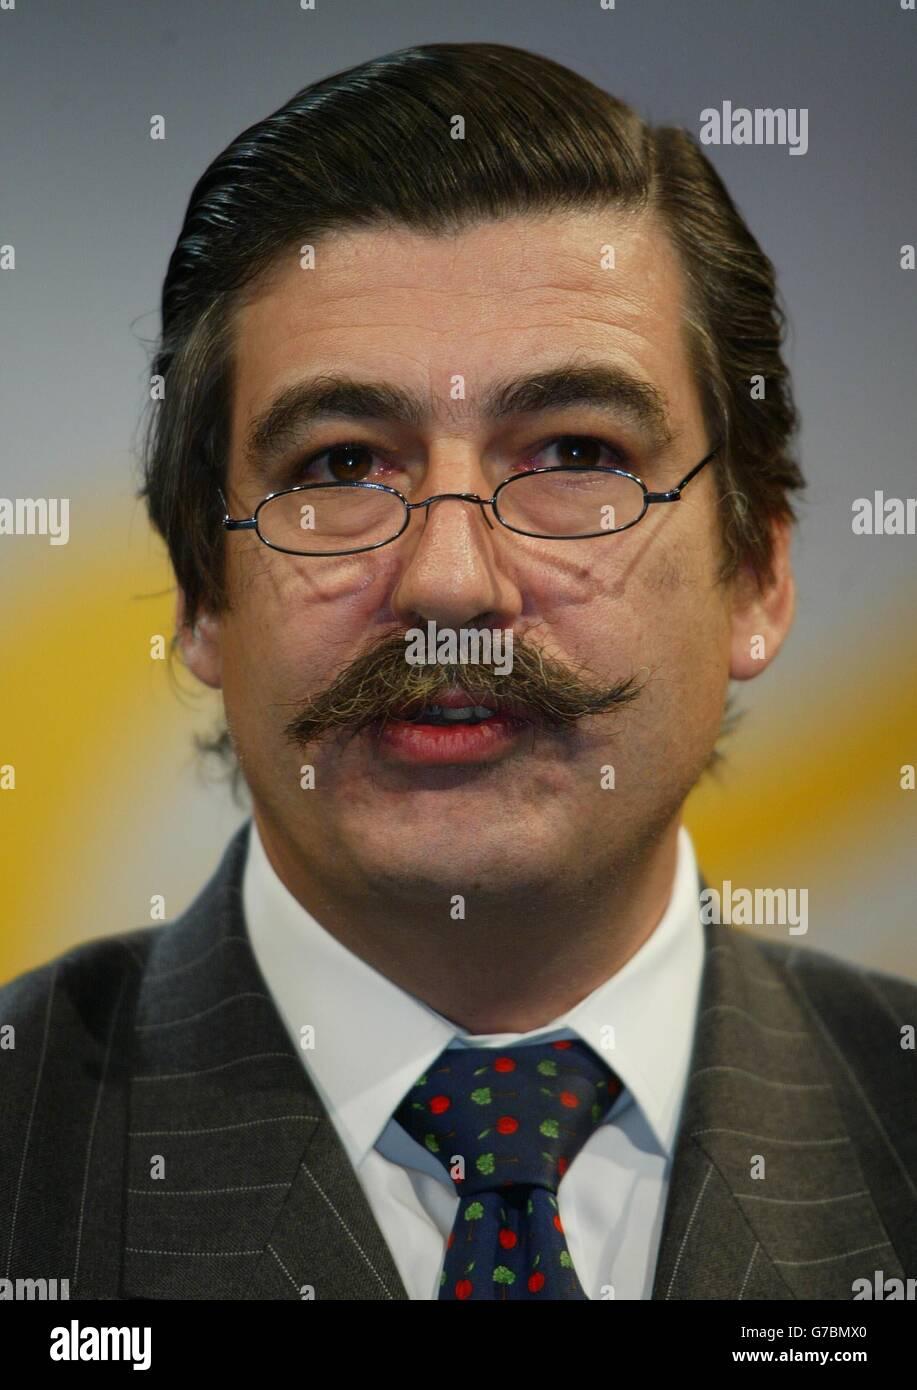 John Thurso - Lib Dem Conferen...